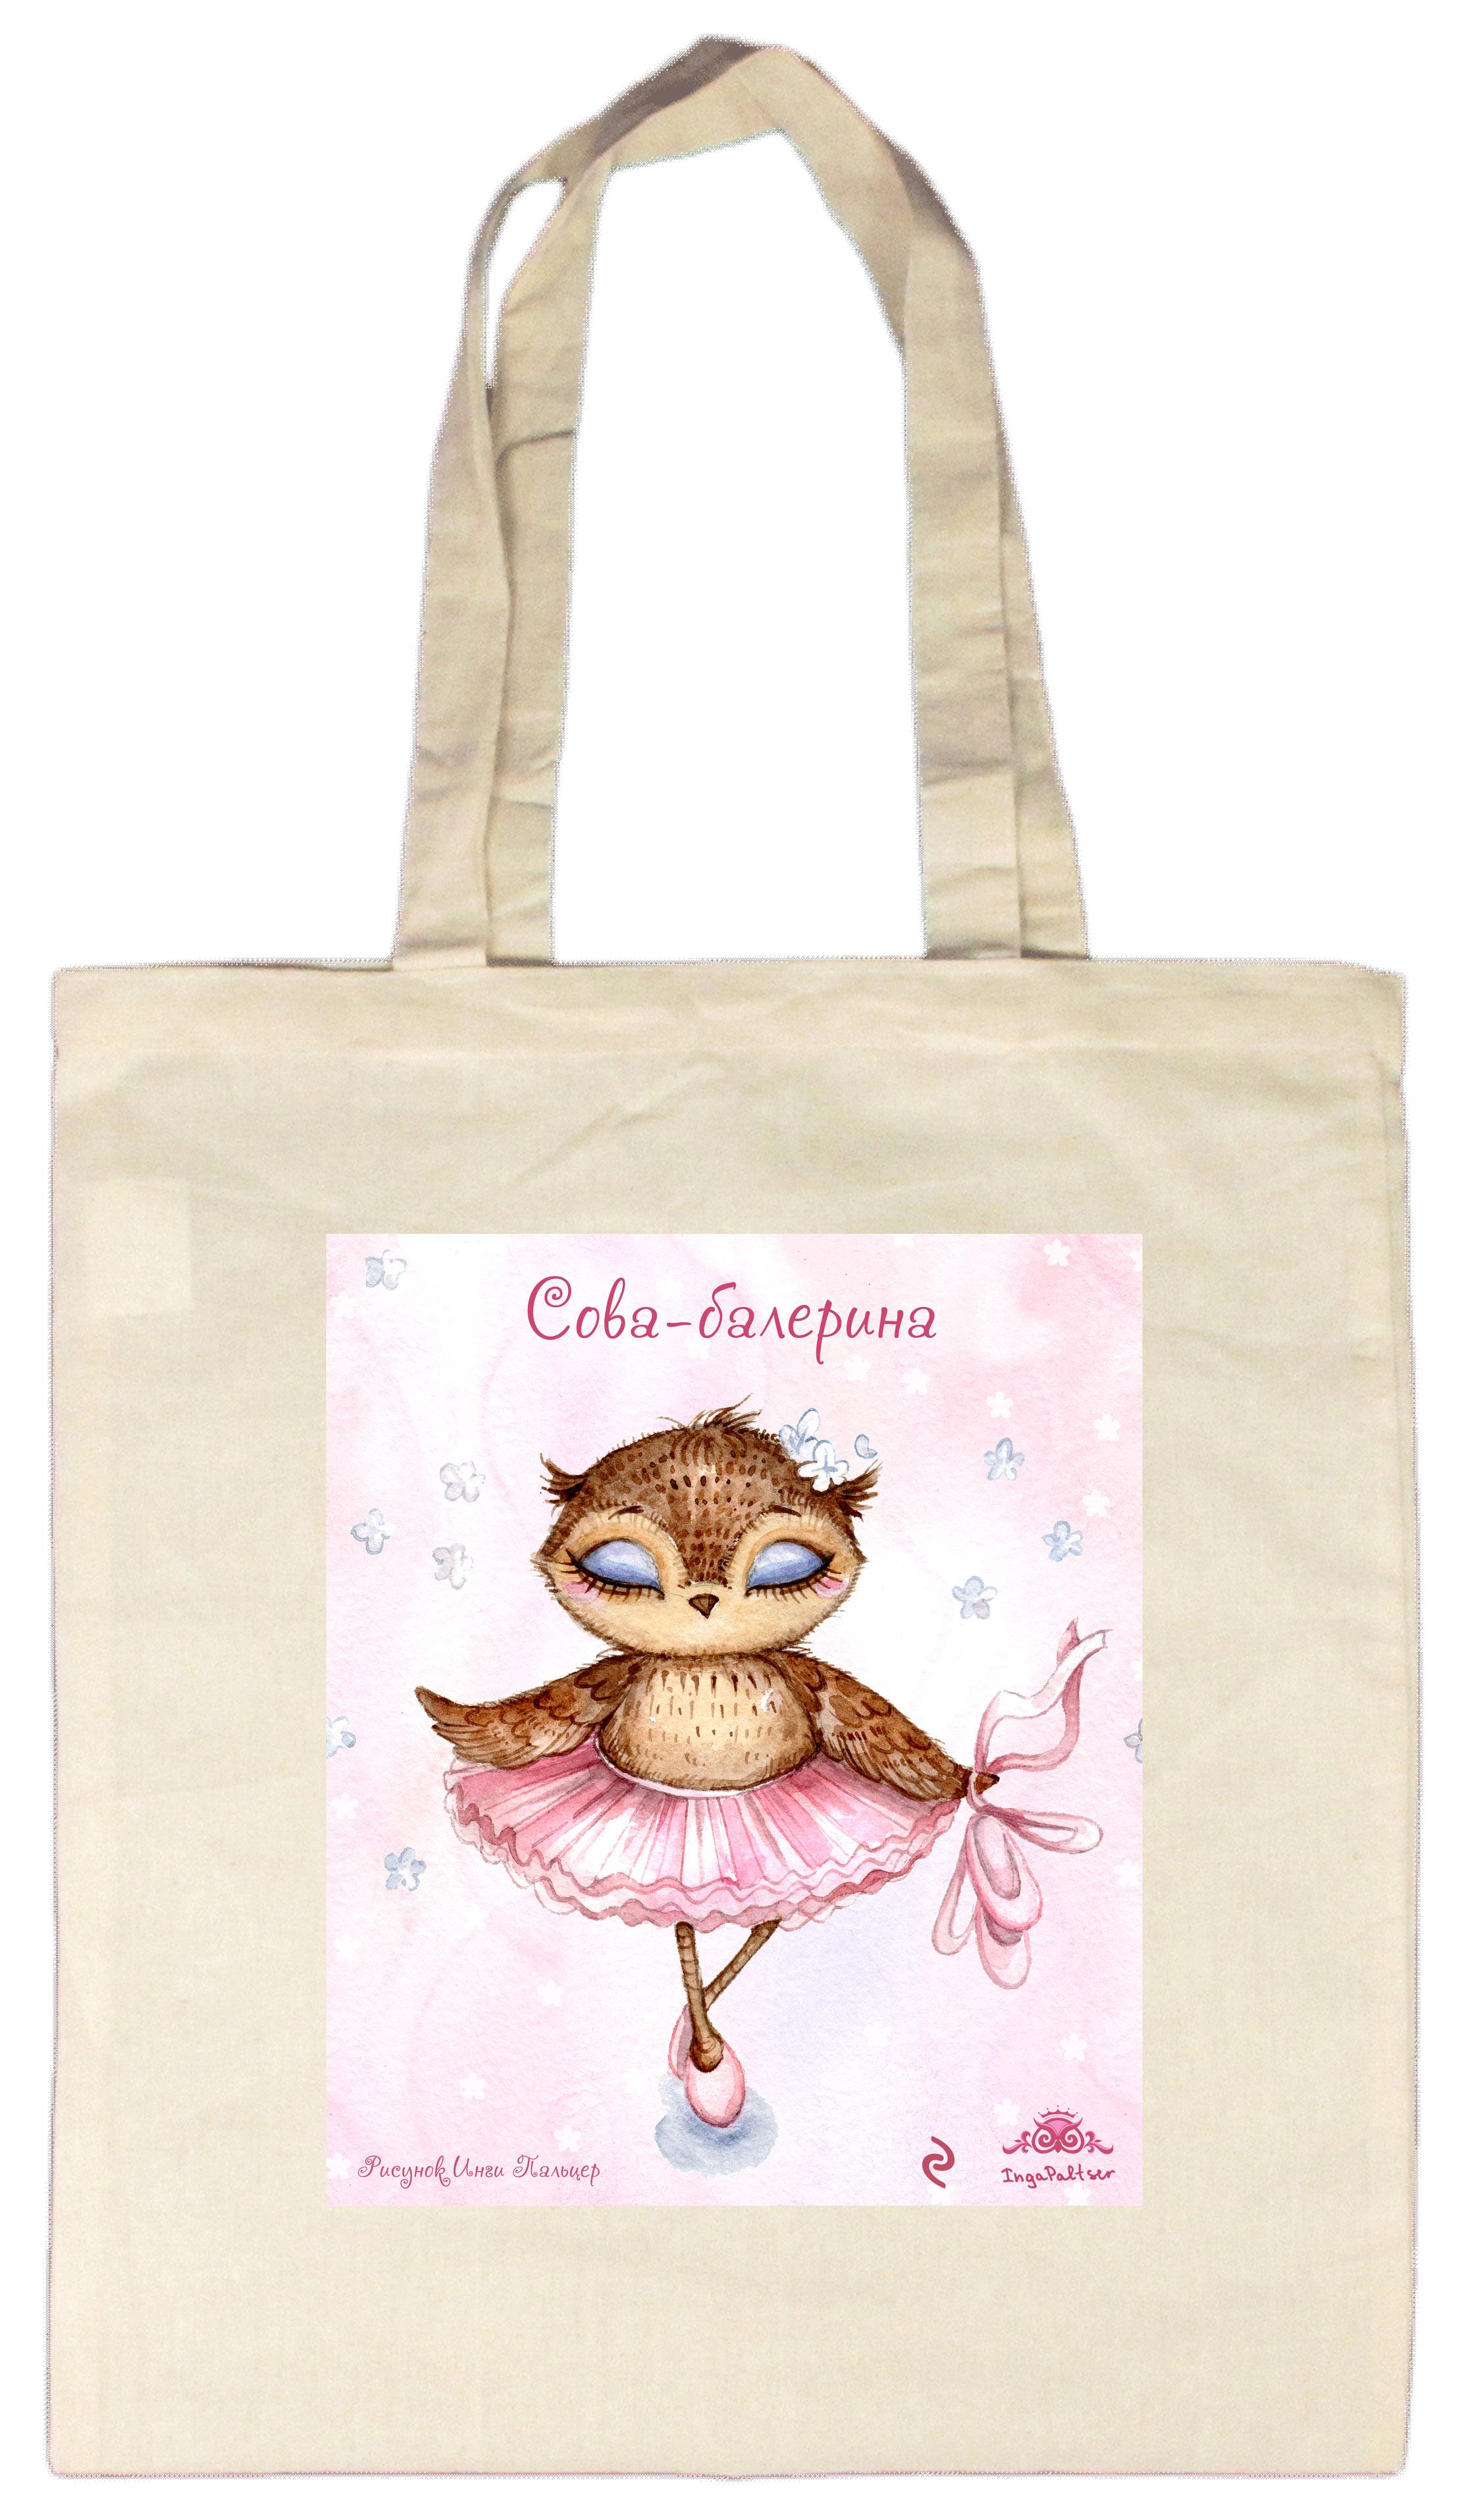 Сумка Сова-балерина, 35 х 39 см12723Смешные совы теперь и на сумках! Легкая, удобная сумка из плотной ткани с цветным рисунком любимых персонажей станет отличным спутником на каждый день. Длина ручки позволяет носить ее на плече. Смешные надписи и авторские рисунки сов от Инги Пальцер будут радовать вас каждый день. А также станут отличным подарком для друзей.